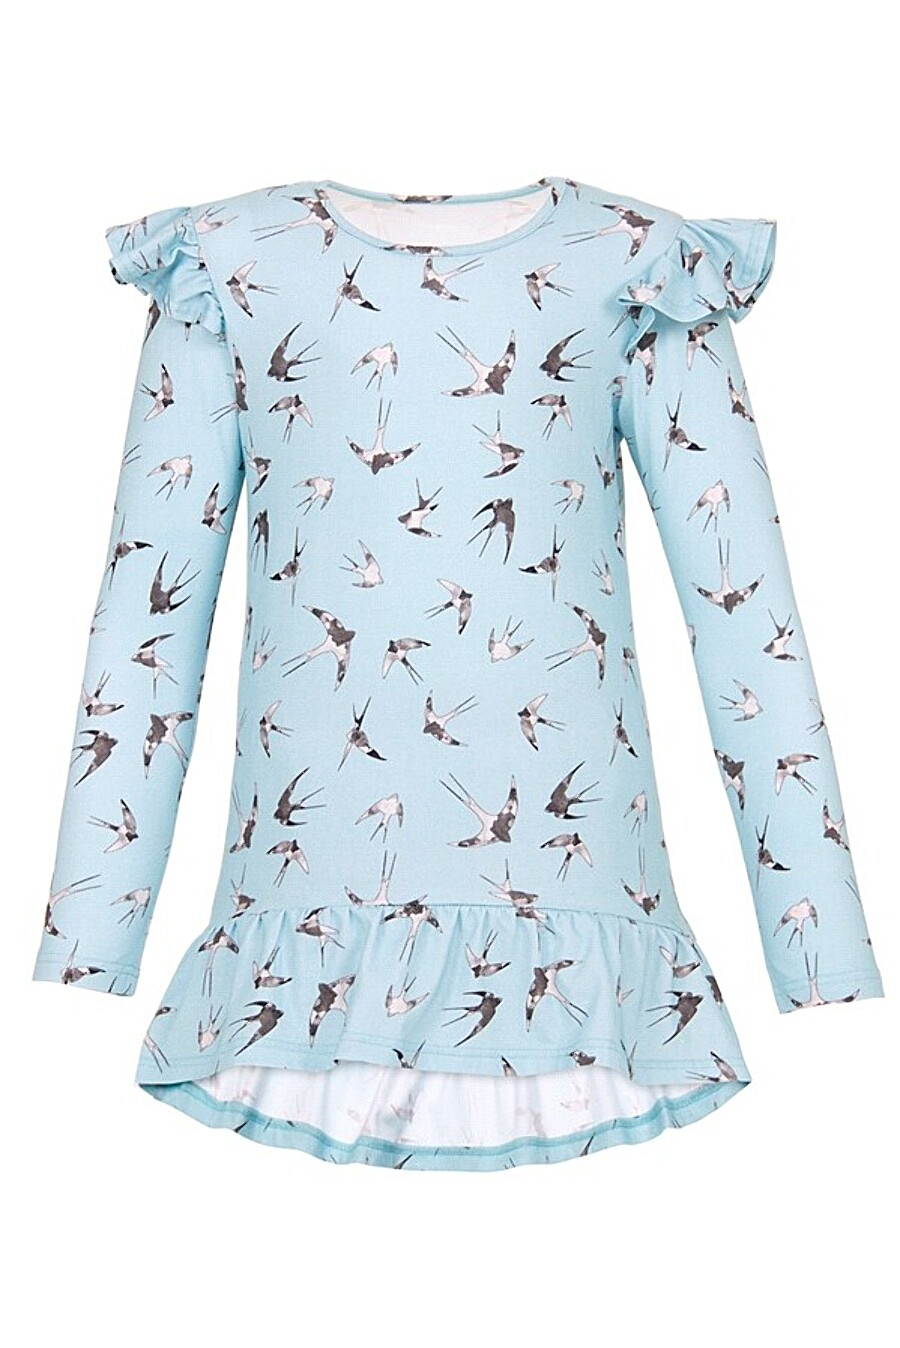 Туника для девочек Archi 158198 купить оптом от производителя. Совместная покупка детской одежды в OptMoyo